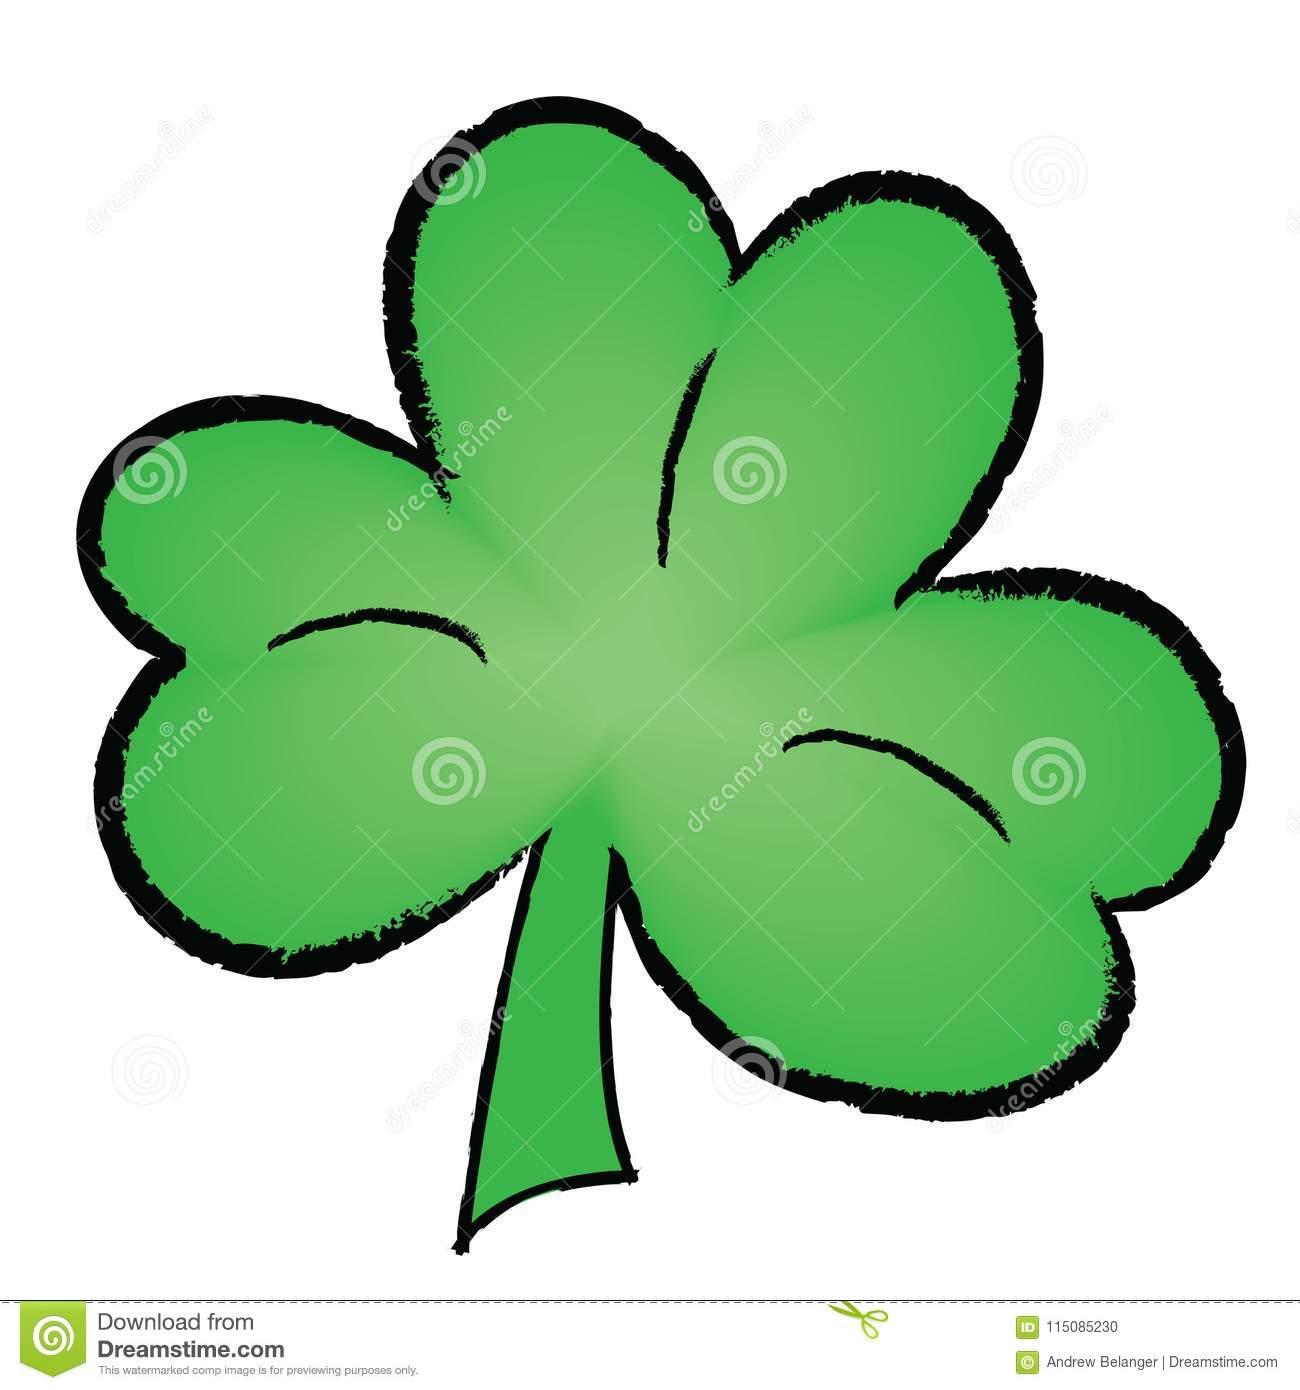 Green Clover Leaf Illustration Stock Vector.